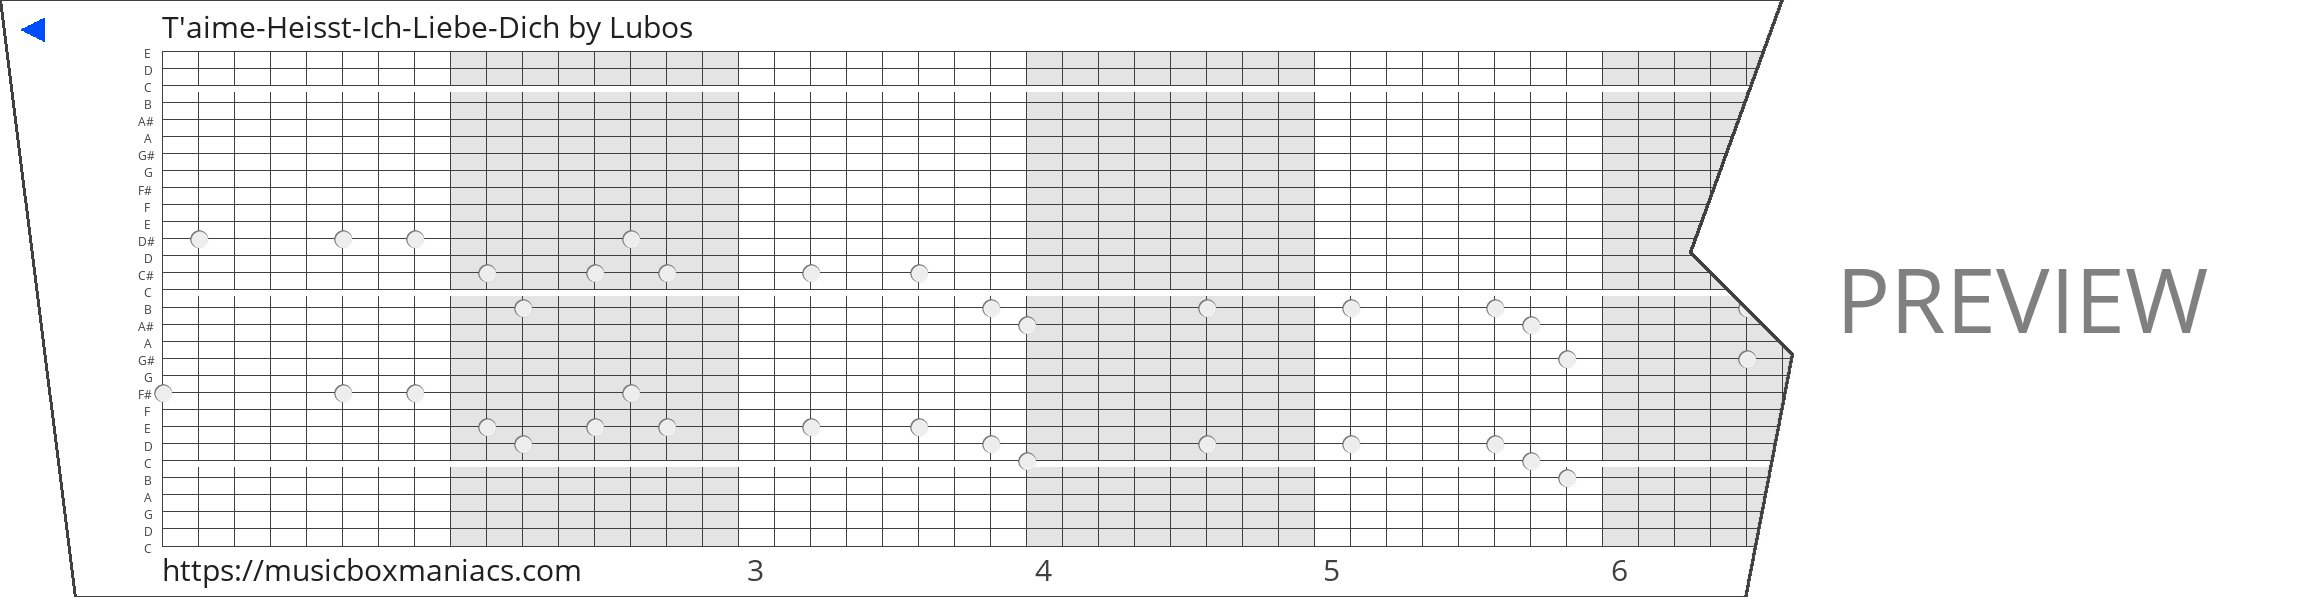 T'aime-Heisst-Ich-Liebe-Dich 30 note music box paper strip